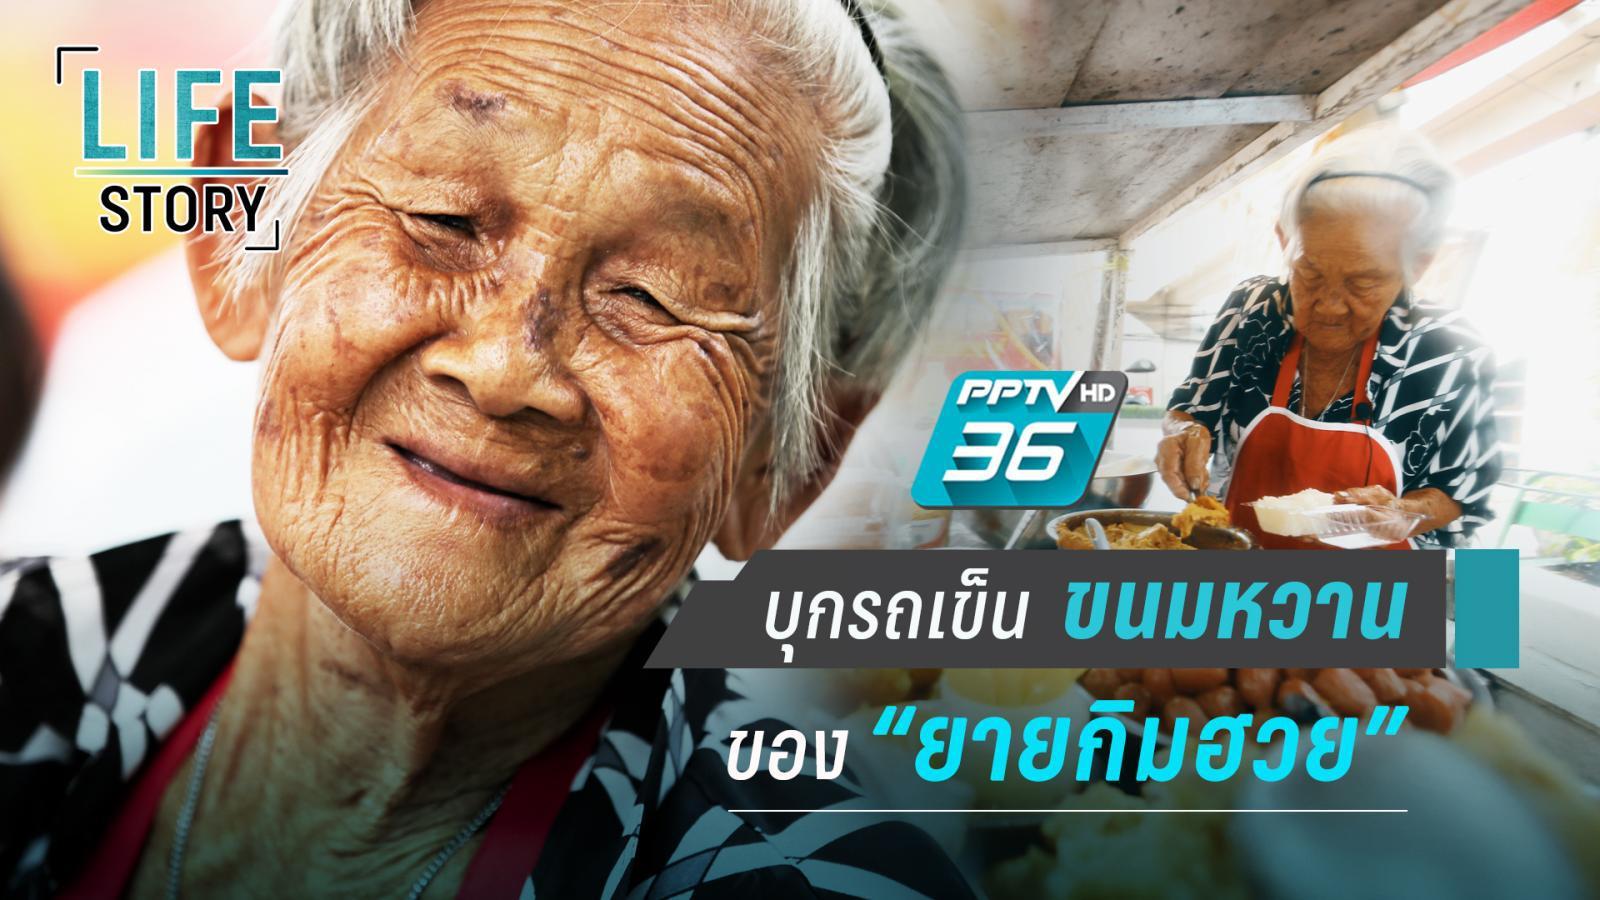 """อายุเป็นเพียงตัวเลข ใช้ได้กับ """"ยายกิมฮวยเจ้าของรถเข็นขนมหวาน"""""""